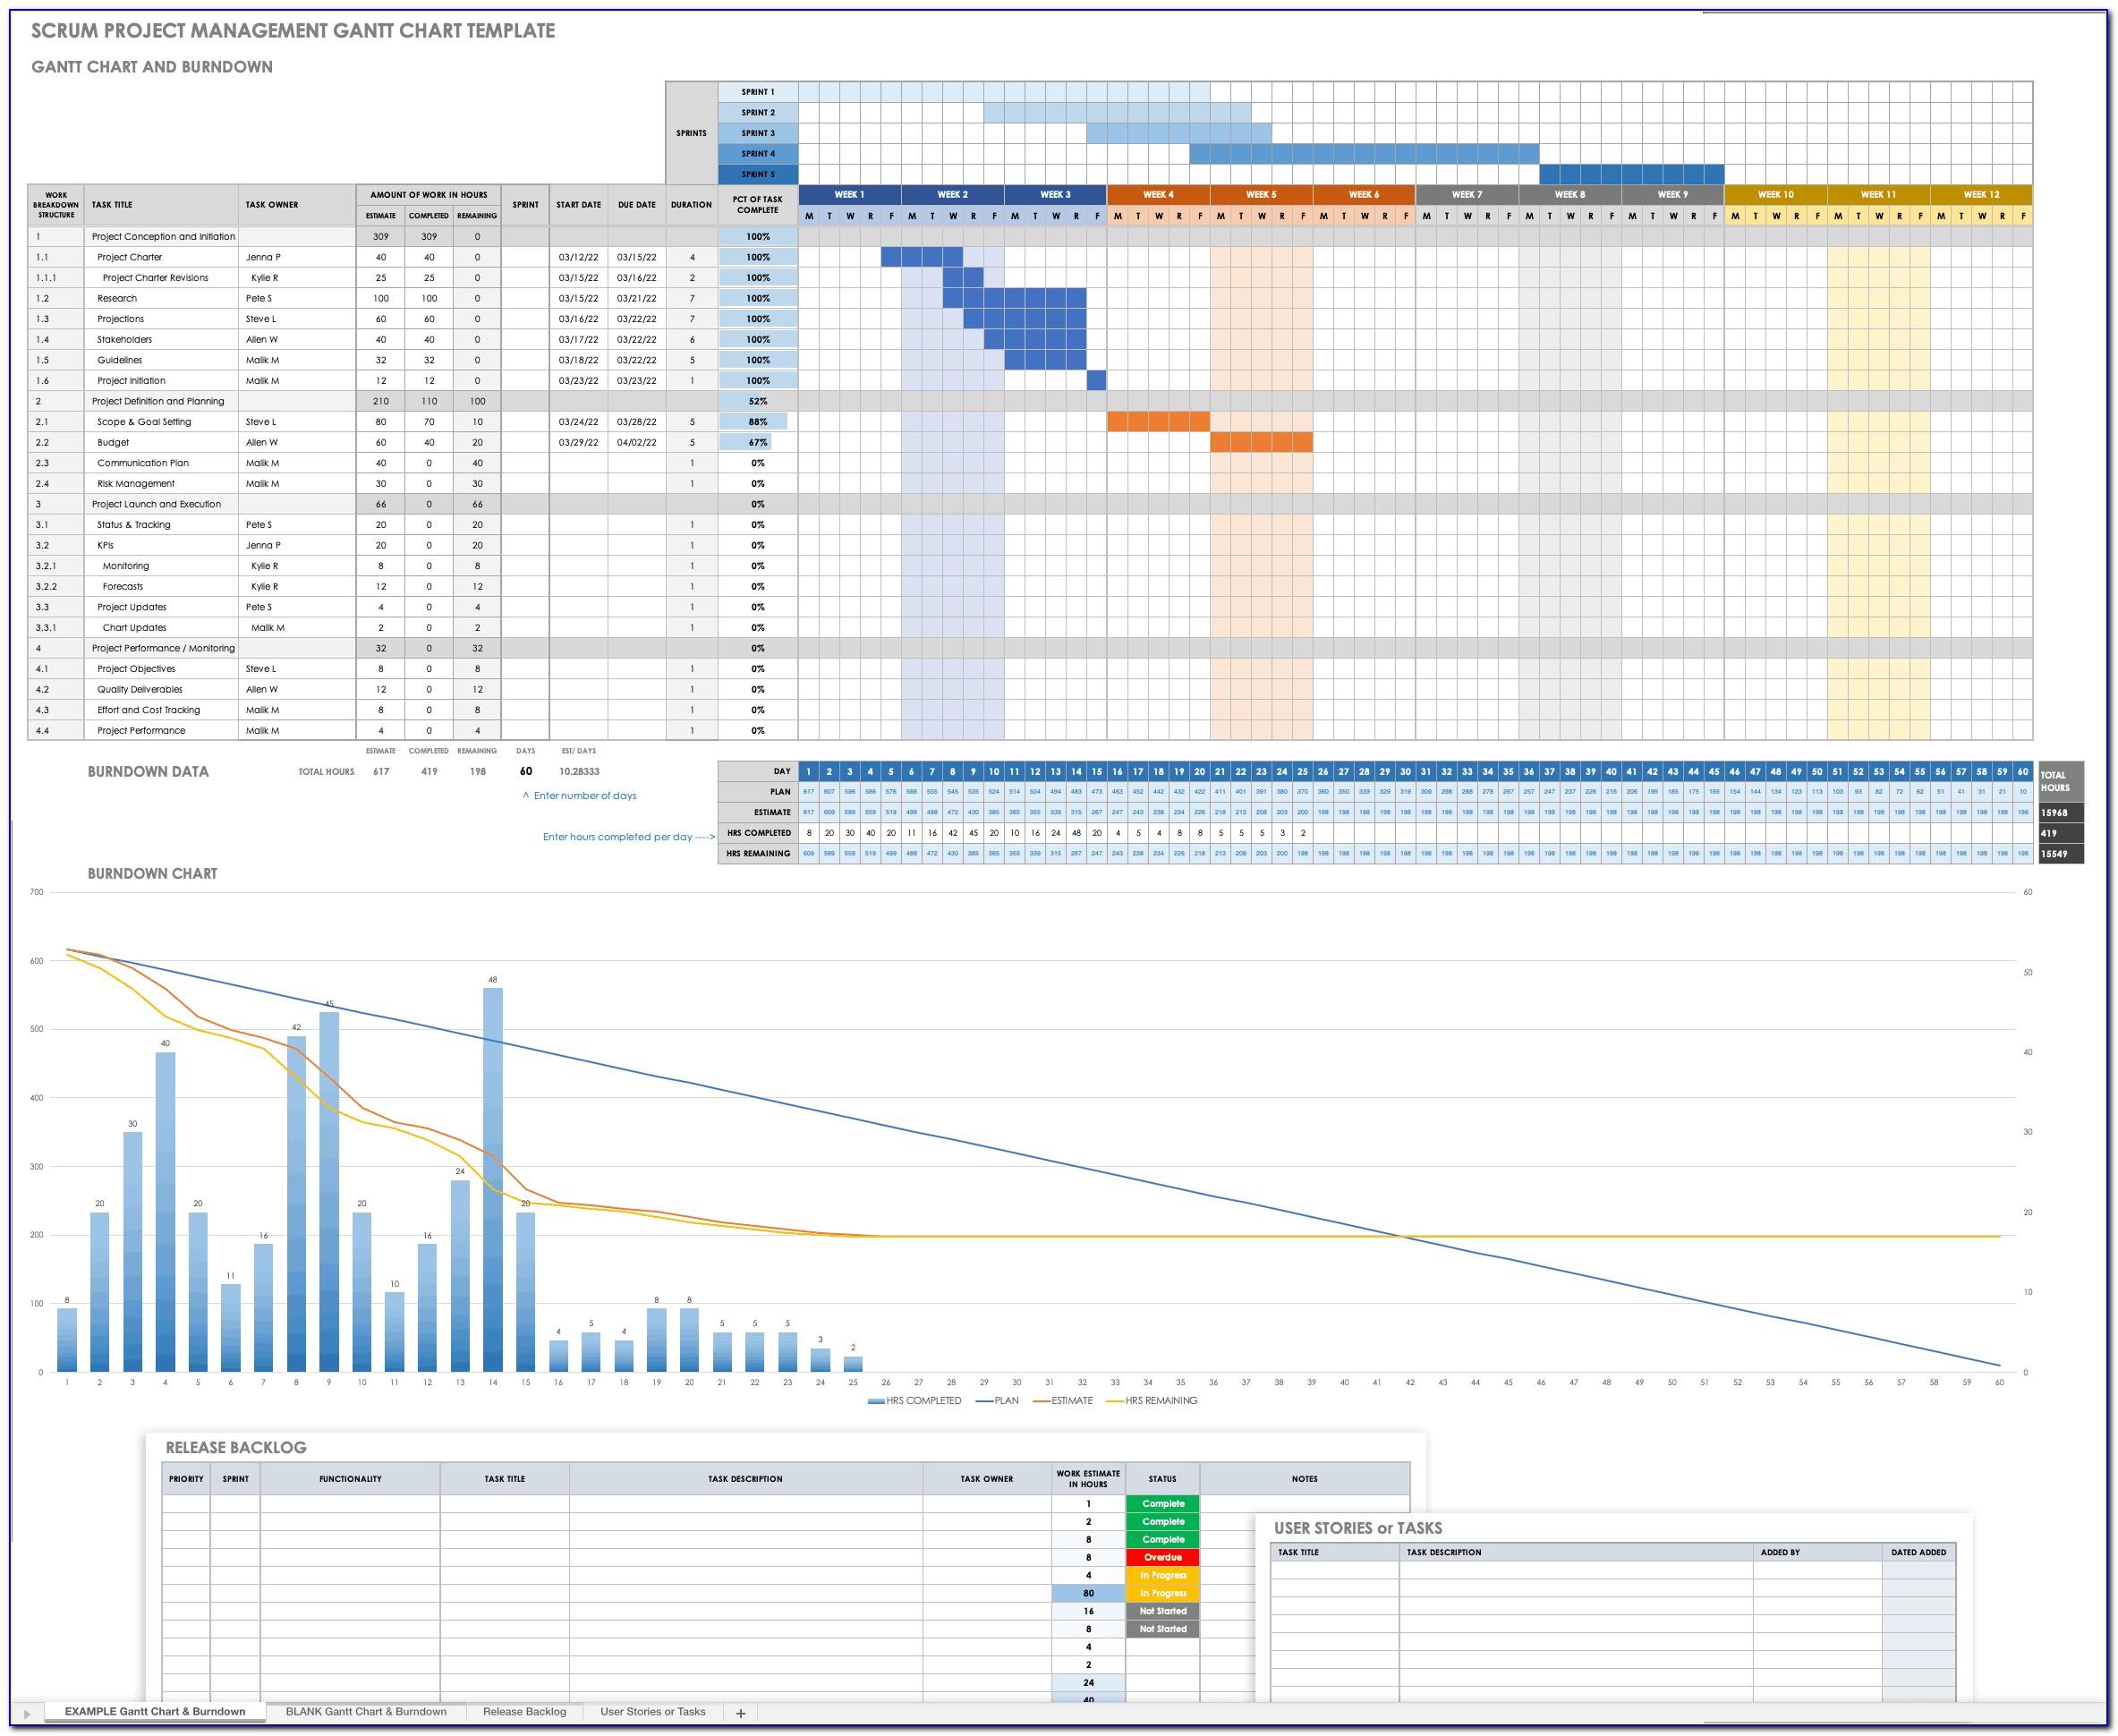 Microsoft Excel 2016 Gantt Chart Template